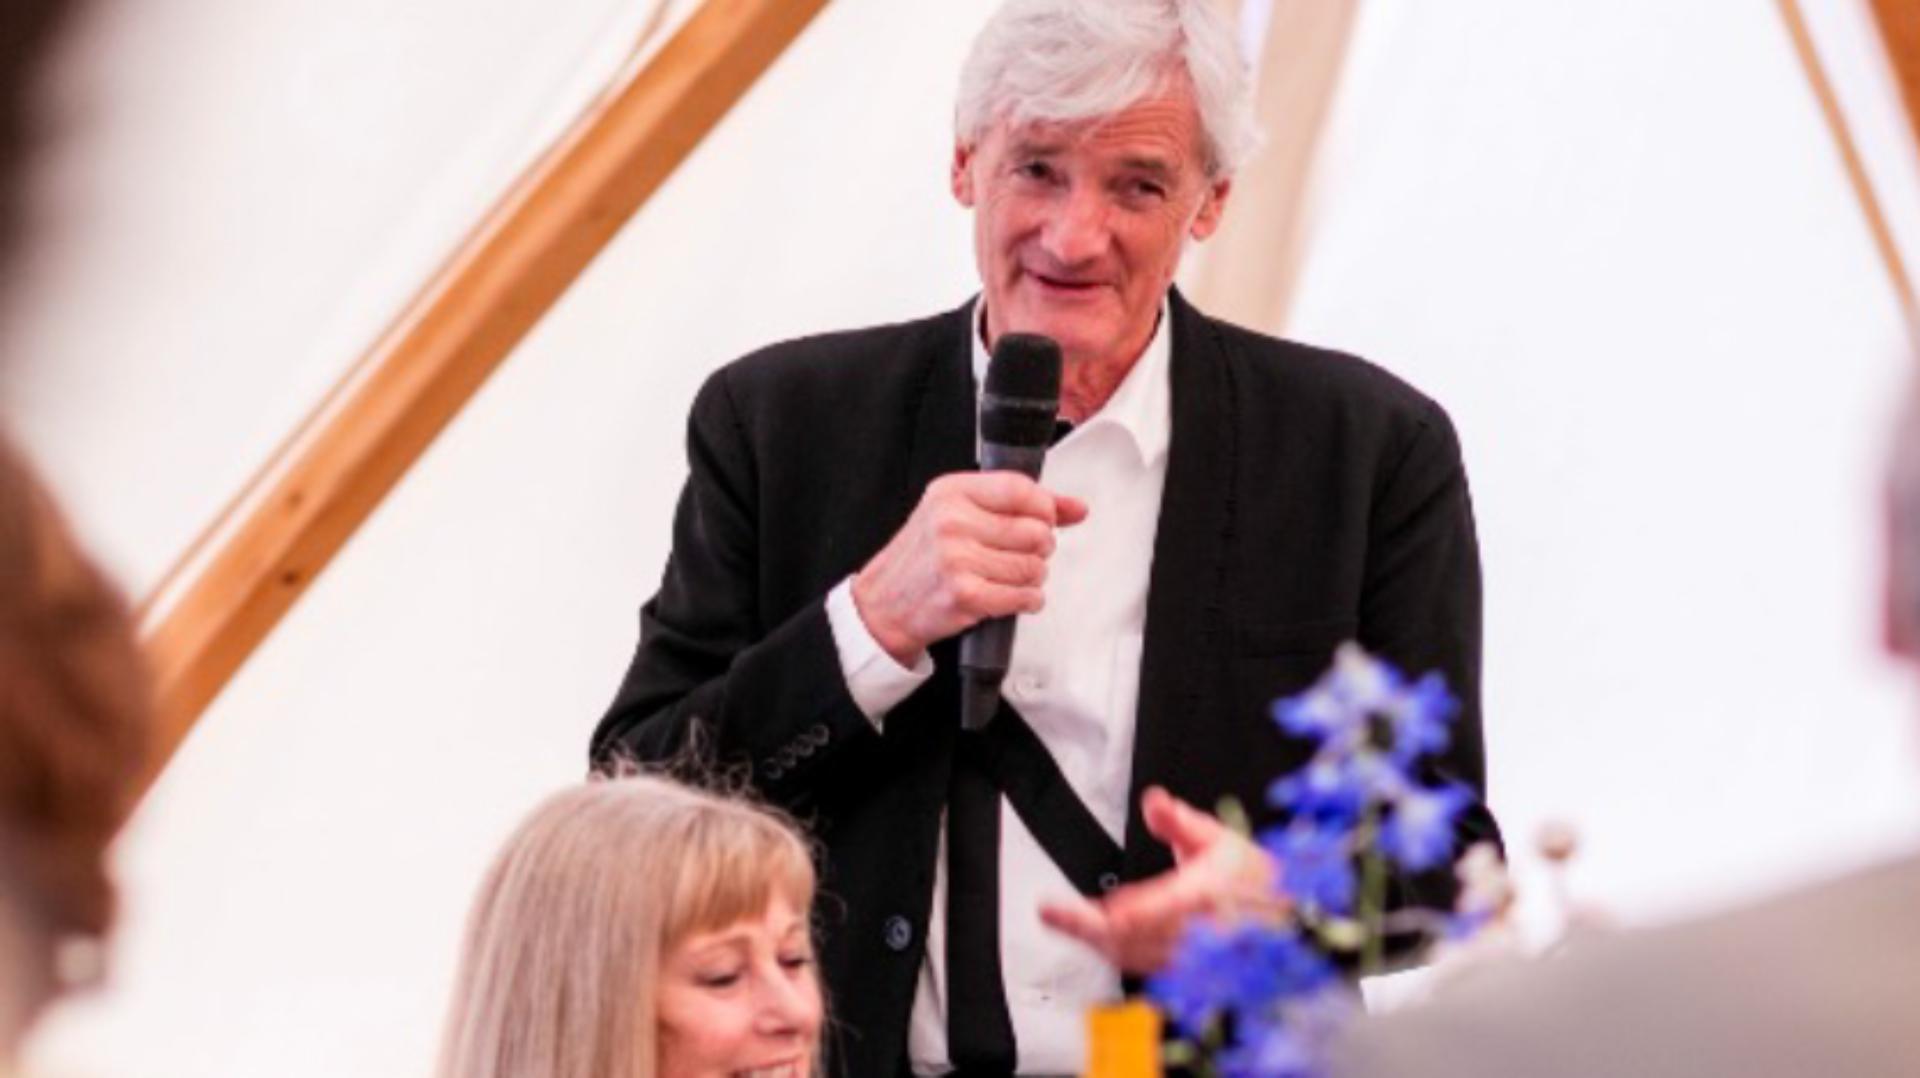 James Dyson making a speech